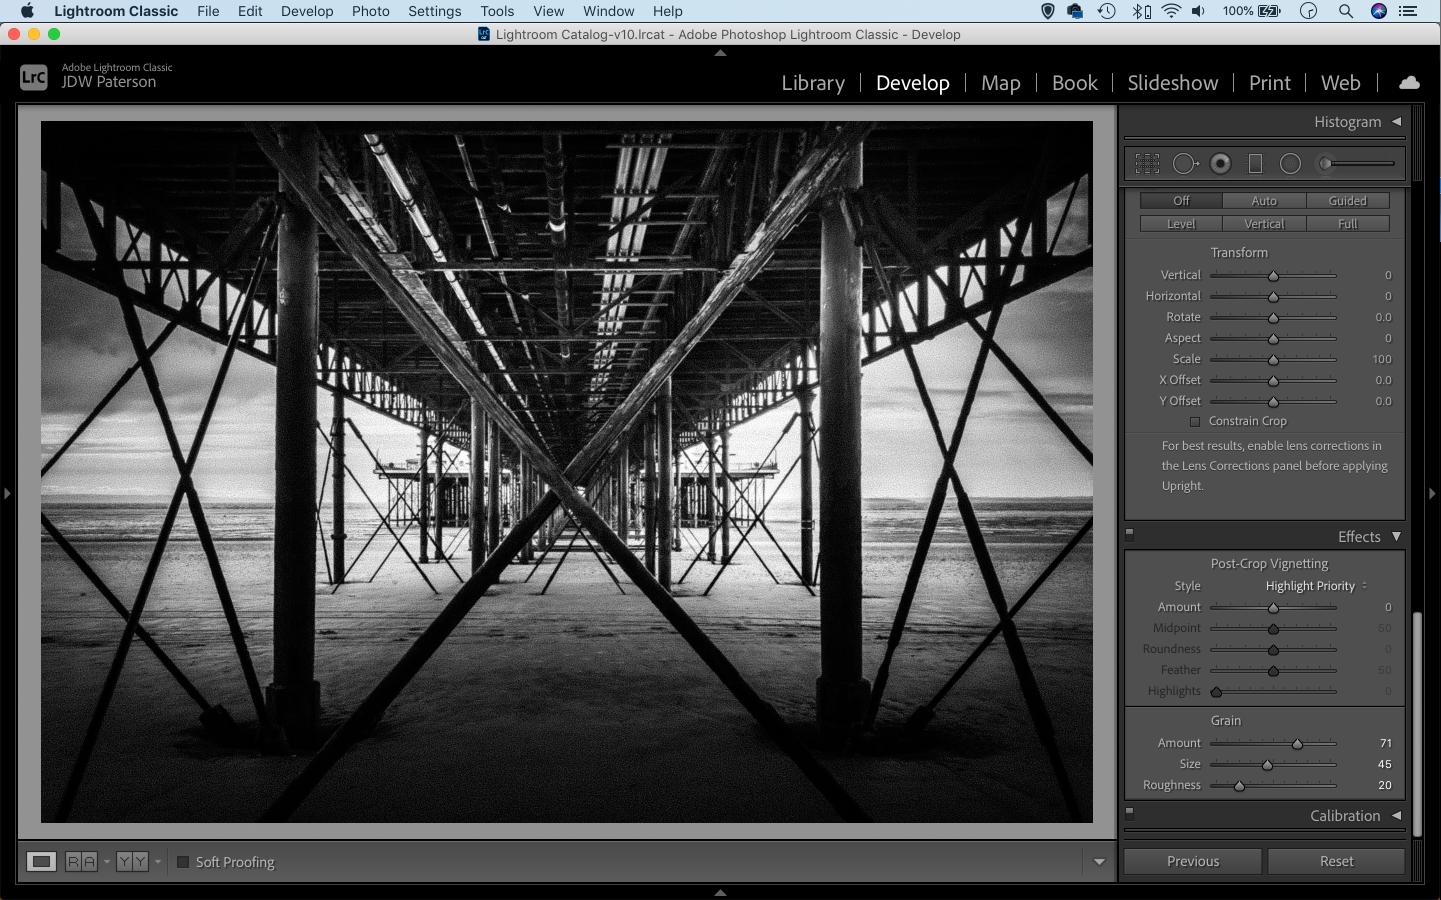 Sceenshot of the grain sliders in Adobe Lightroom